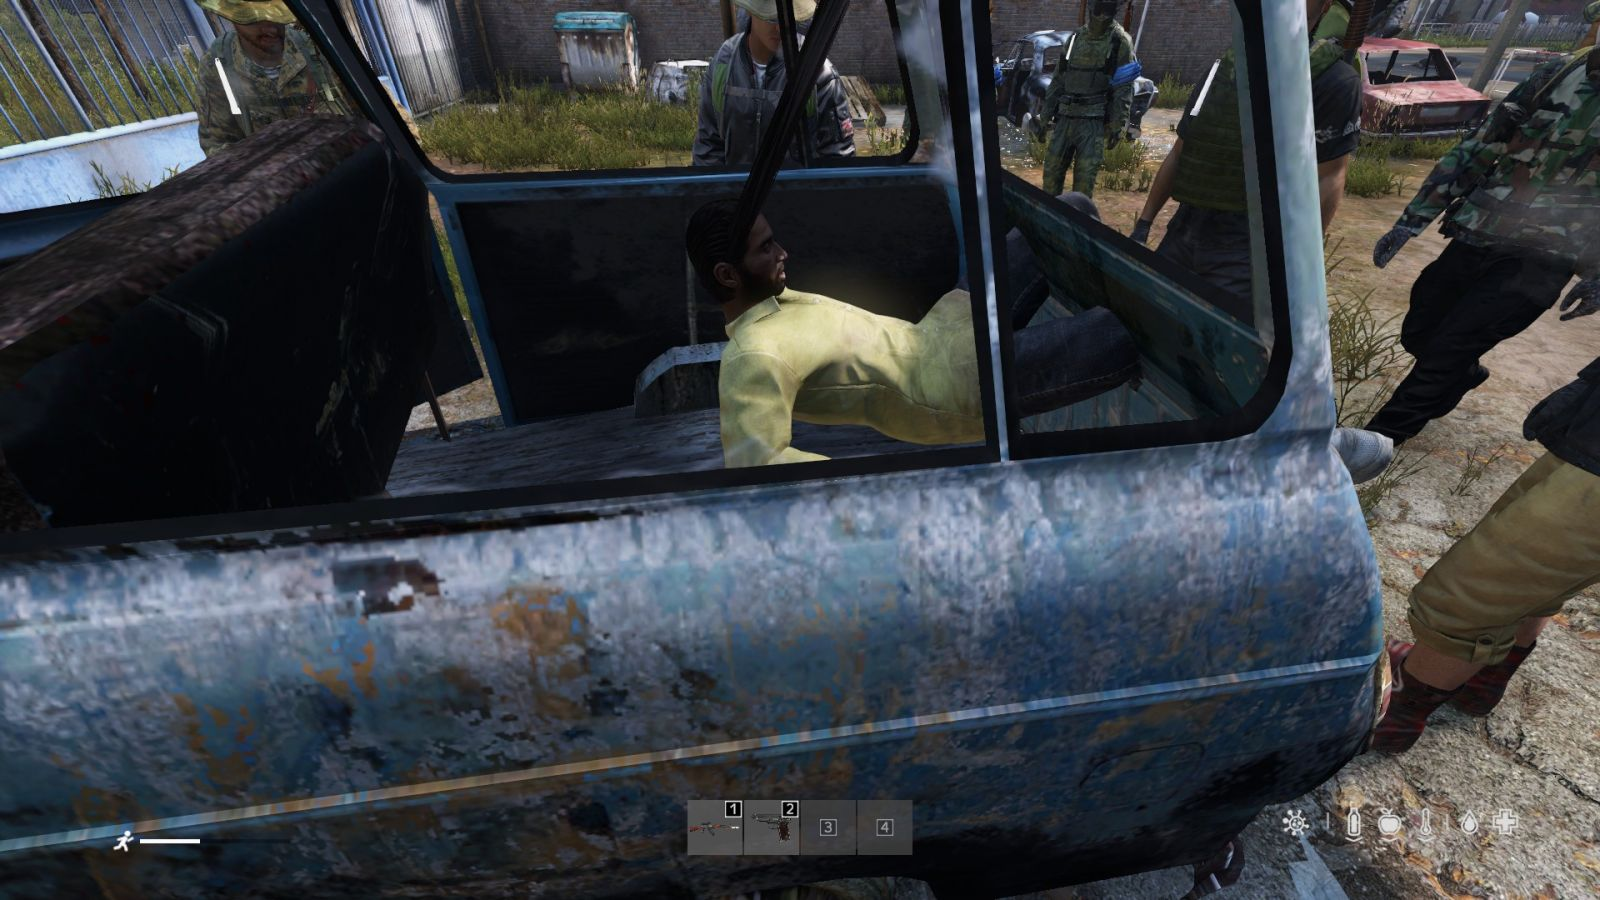 I locked this man in a van